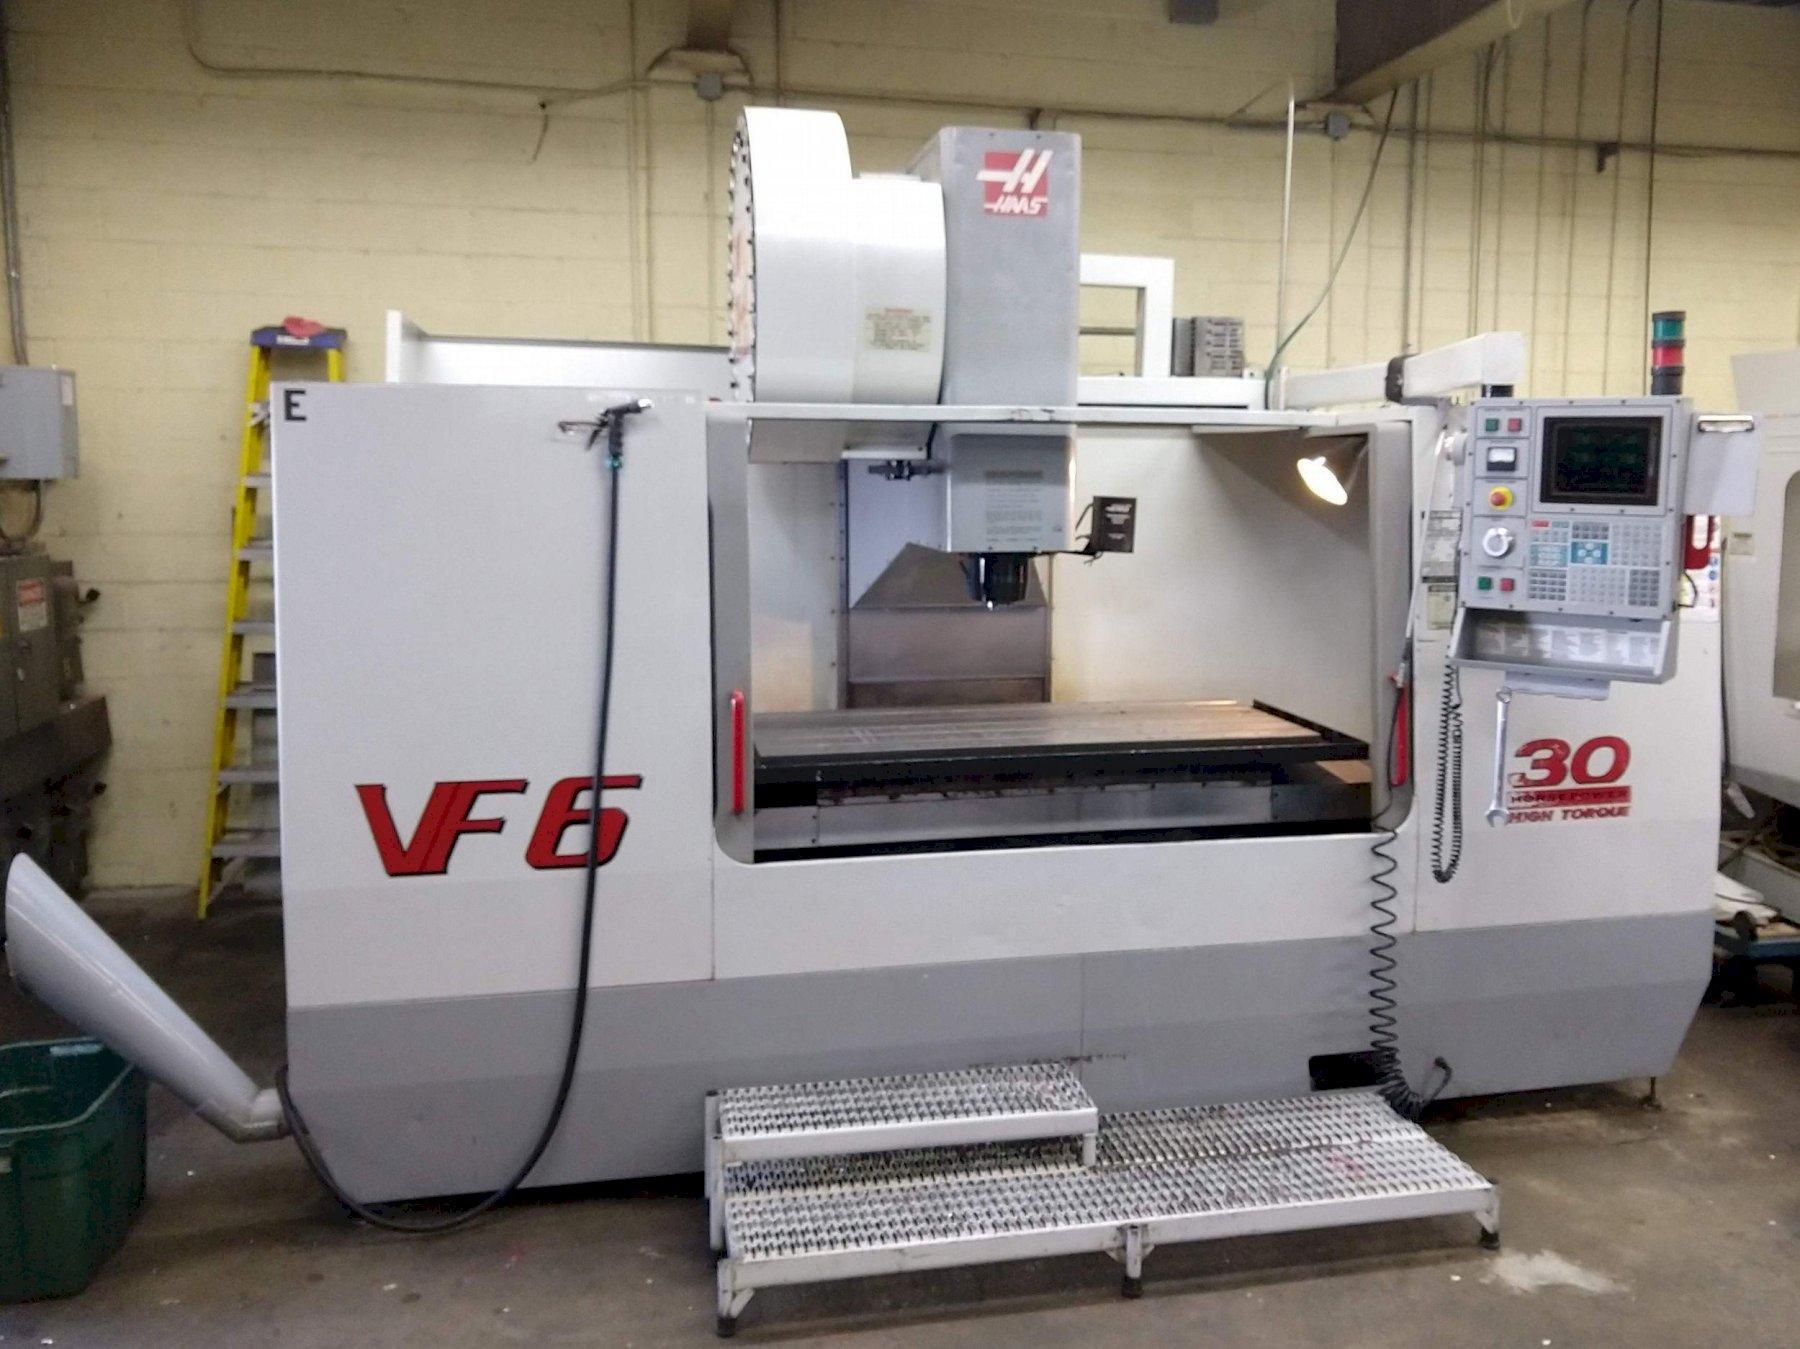 Haas VF6B/50 3-Axis Vertical Machining Center